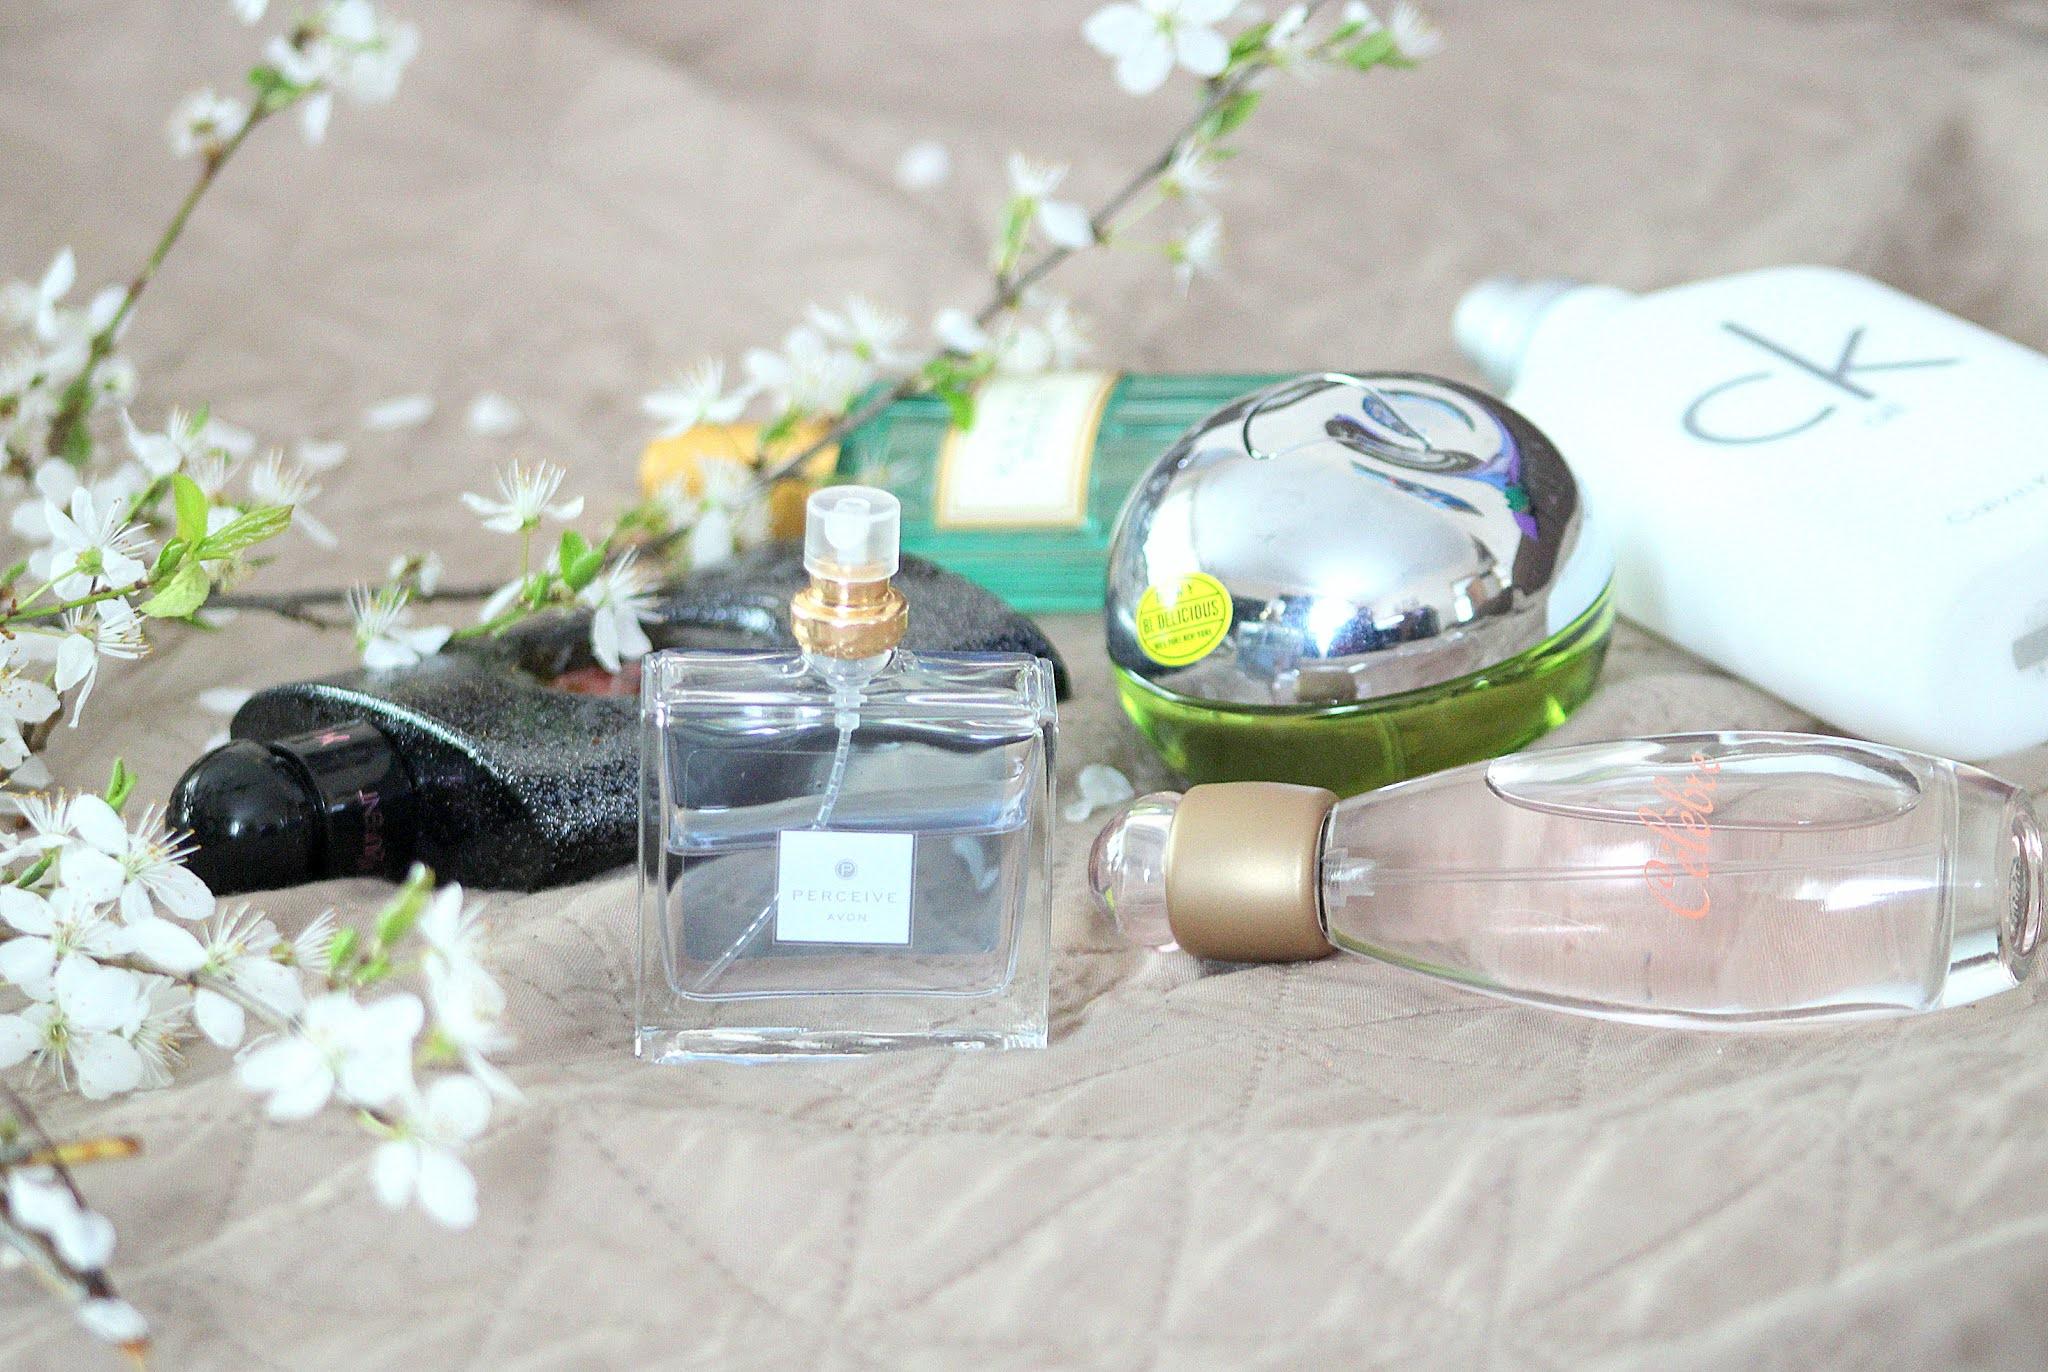 Czy klasyczne zapachy sprawdzą się na wiosnę?